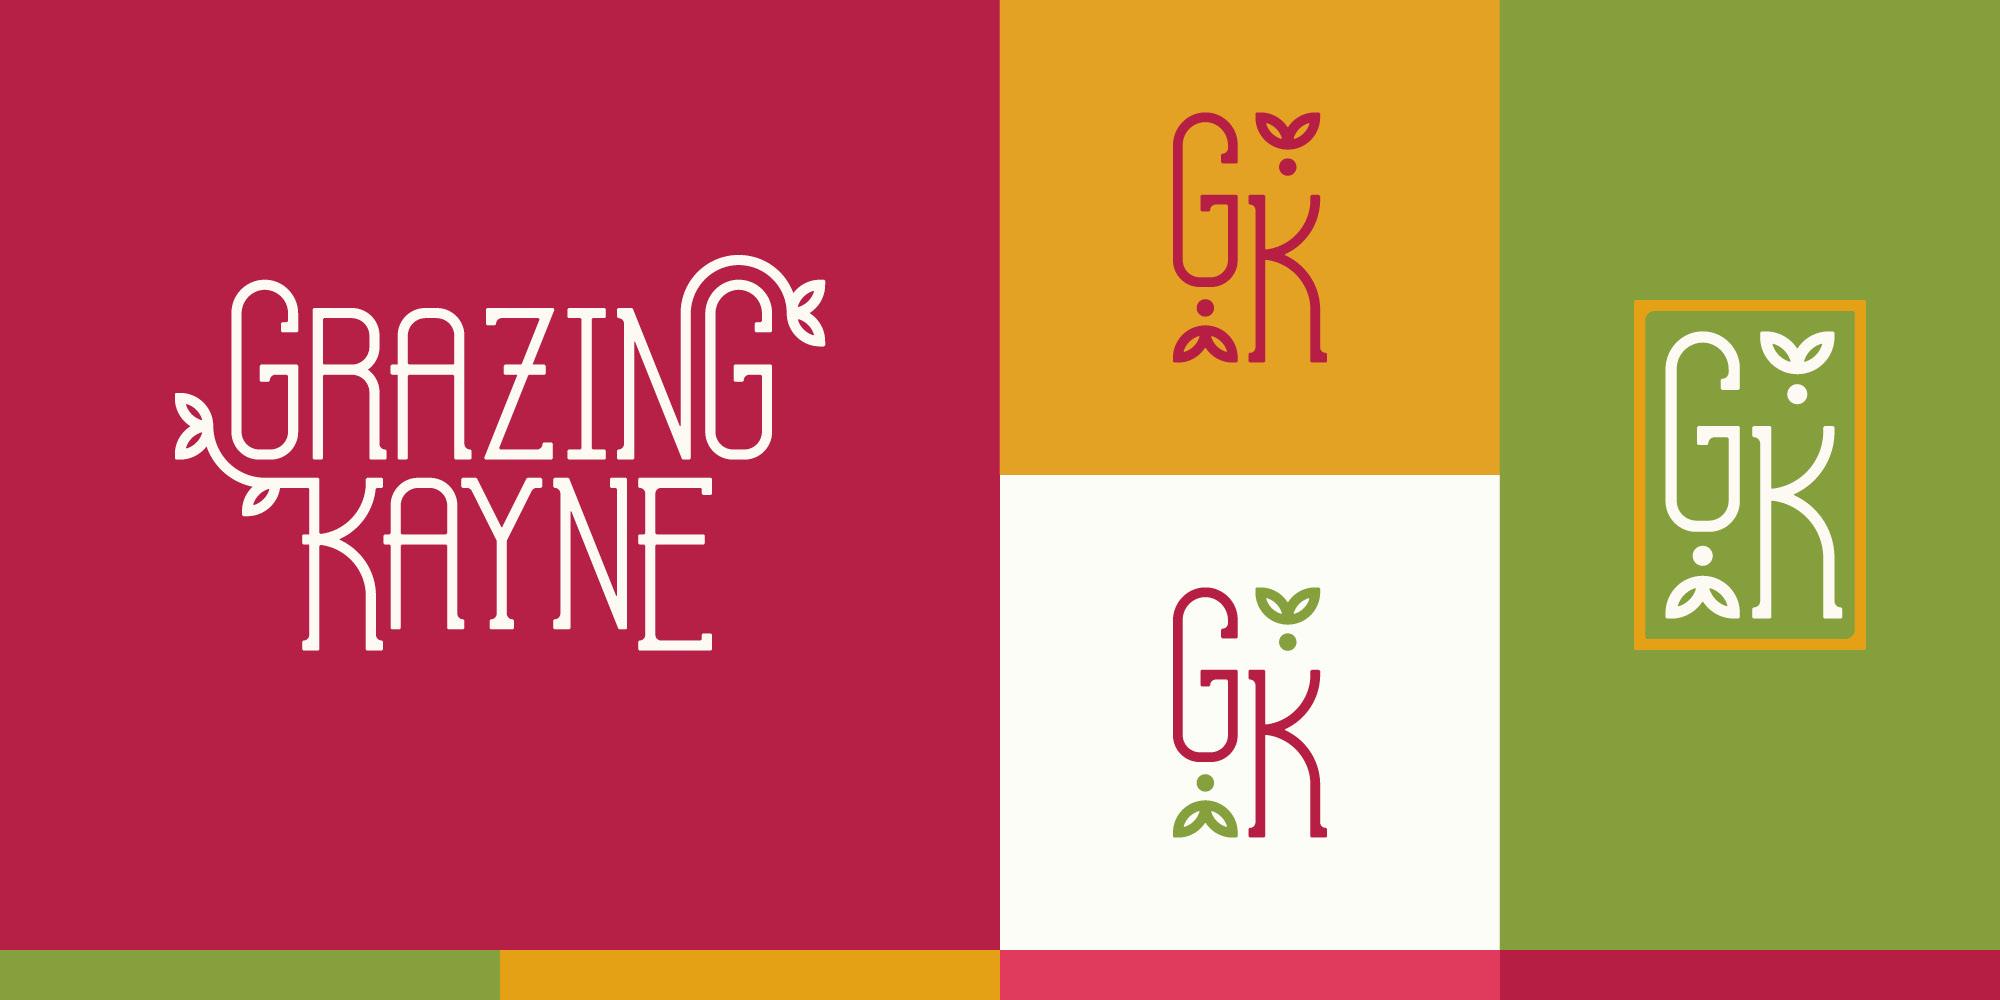 Logos_Tiles_GrazingKayne.jpg